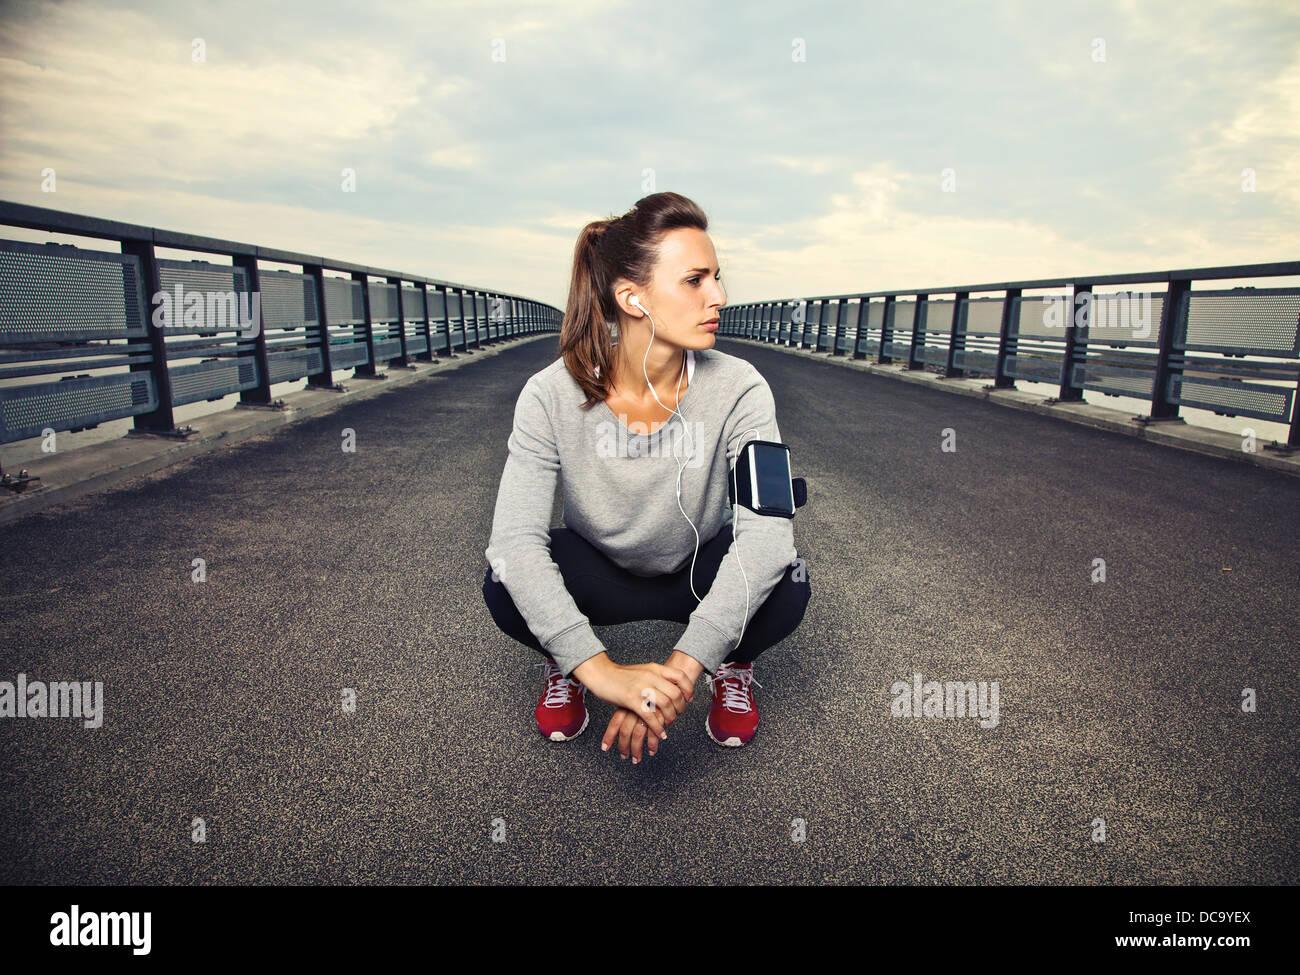 Corredoras sentado en el puente después de ejecutar Imagen De Stock